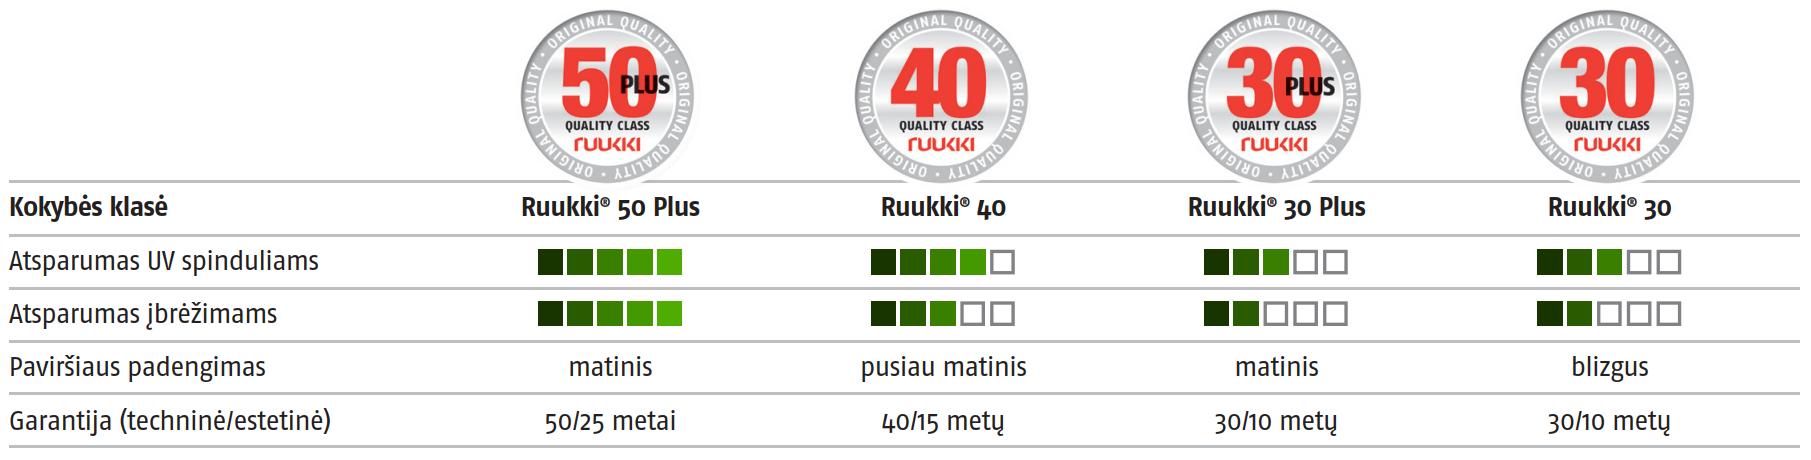 Ruukki stogų kokybės klasių palyginimas, skirtumai